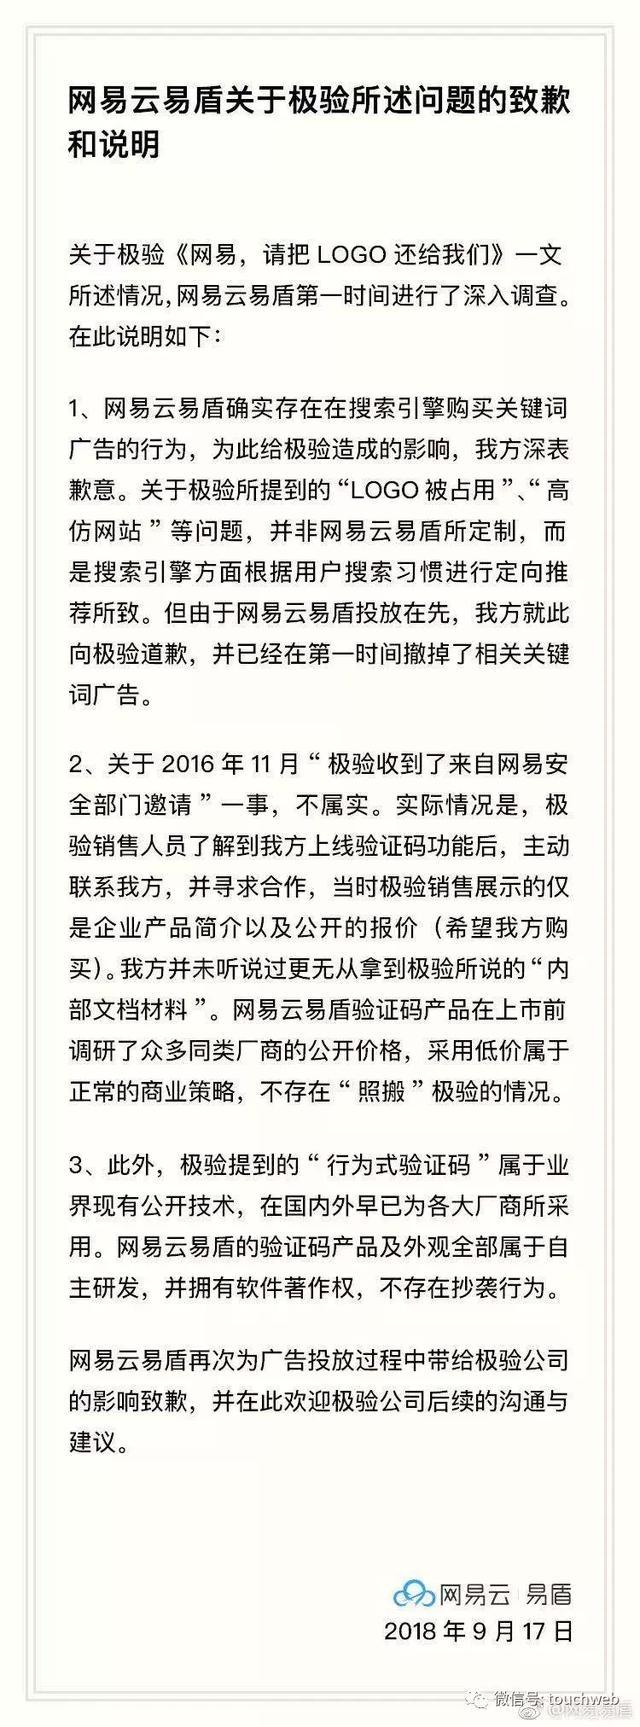 对话极验CEO吴渊:网易甩锅搜索引擎 对侵权行为毫无歉意